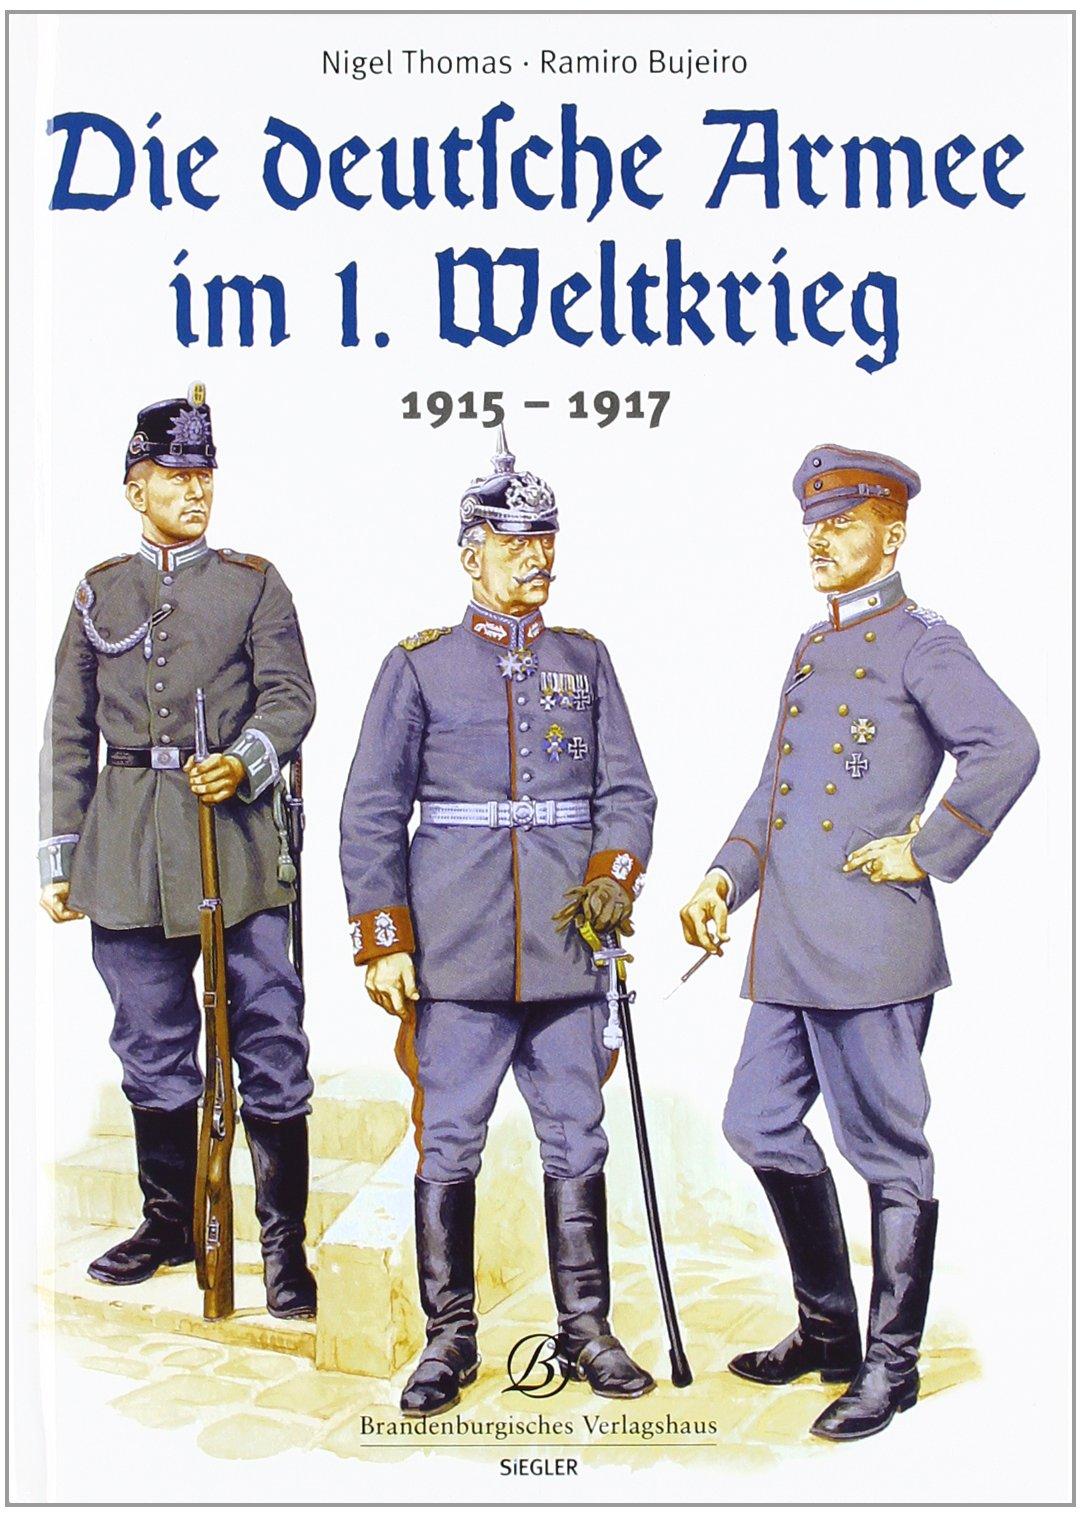 Die deutsche Armee im 1. Weltkrieg: 1915-1917